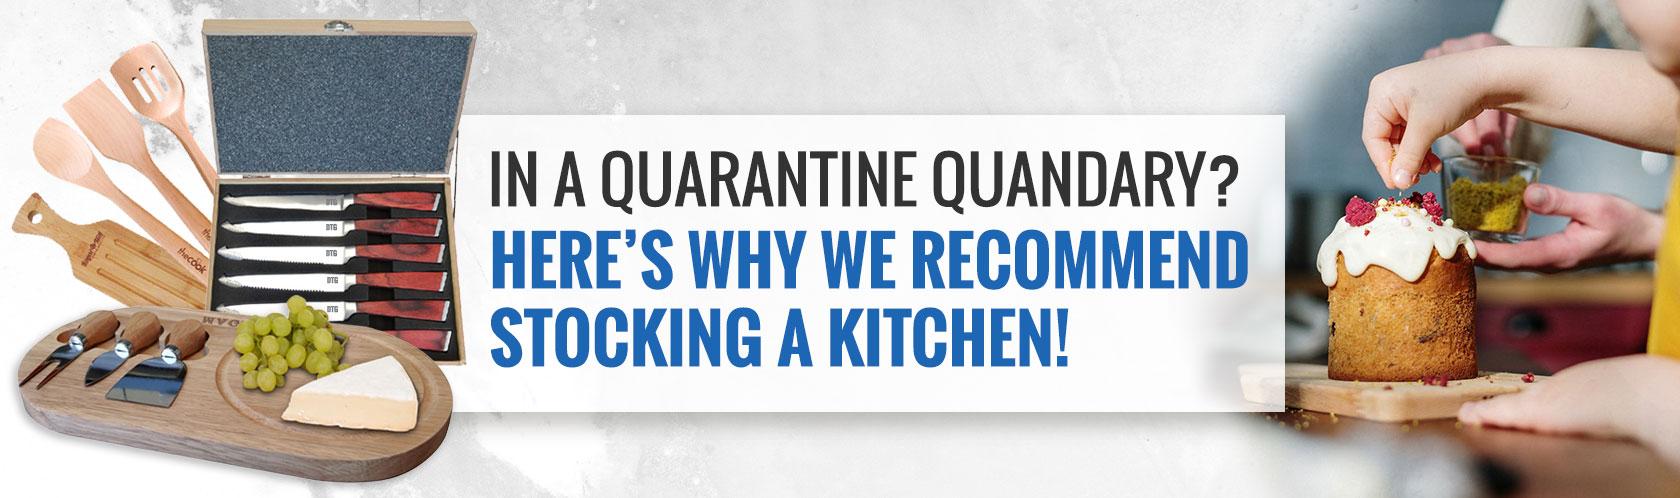 In a Quarantine Quandary?